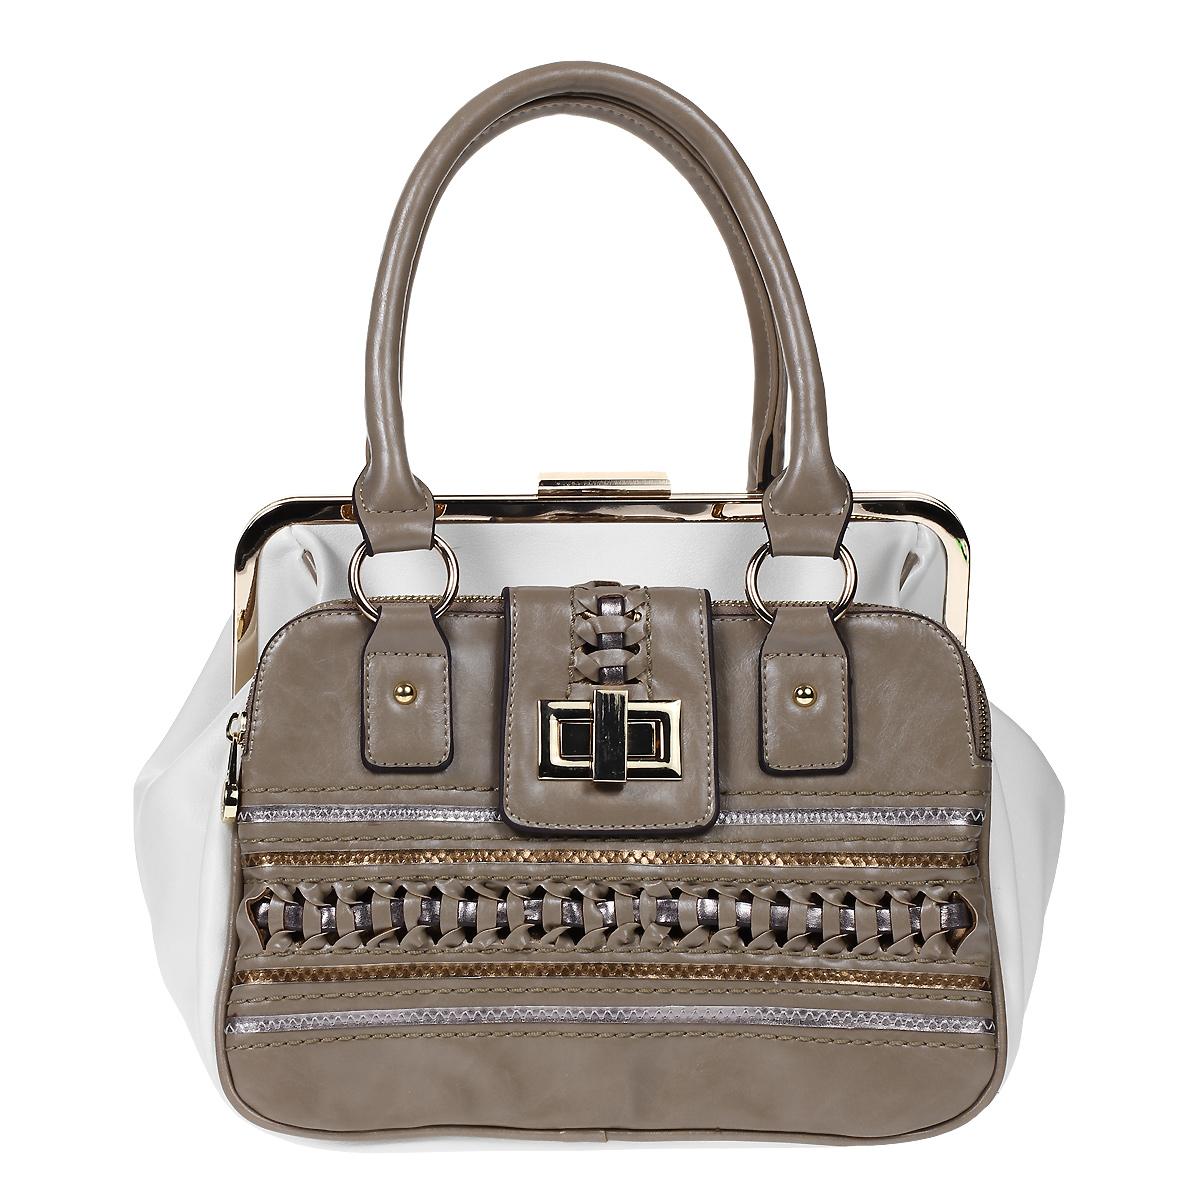 Сумка женская Baggini, цвет: белый, бежевый. 29380/3129380/31Стильная сумка Baggini выполнена из матовой искусственной кожи. Фурнитура - из золотистого металла. Сумка имеет одно вместительное отделение, которое закрывается на металлическую зещелку. Внутри - вшитый карман на молнии и два накладных кармашка для мелочей. На лицевой стенке сумки расположен кармашек на молнии и открытый кармашек, который закрывается хлястиком на поворотный замок. Модель оснащена удобными ручками, позволяющим носить сумку на плече. Сумка - это стильный аксессуар, который подчеркнет вашу изысканность и индивидуальность и сделает ваш образ завершенным.